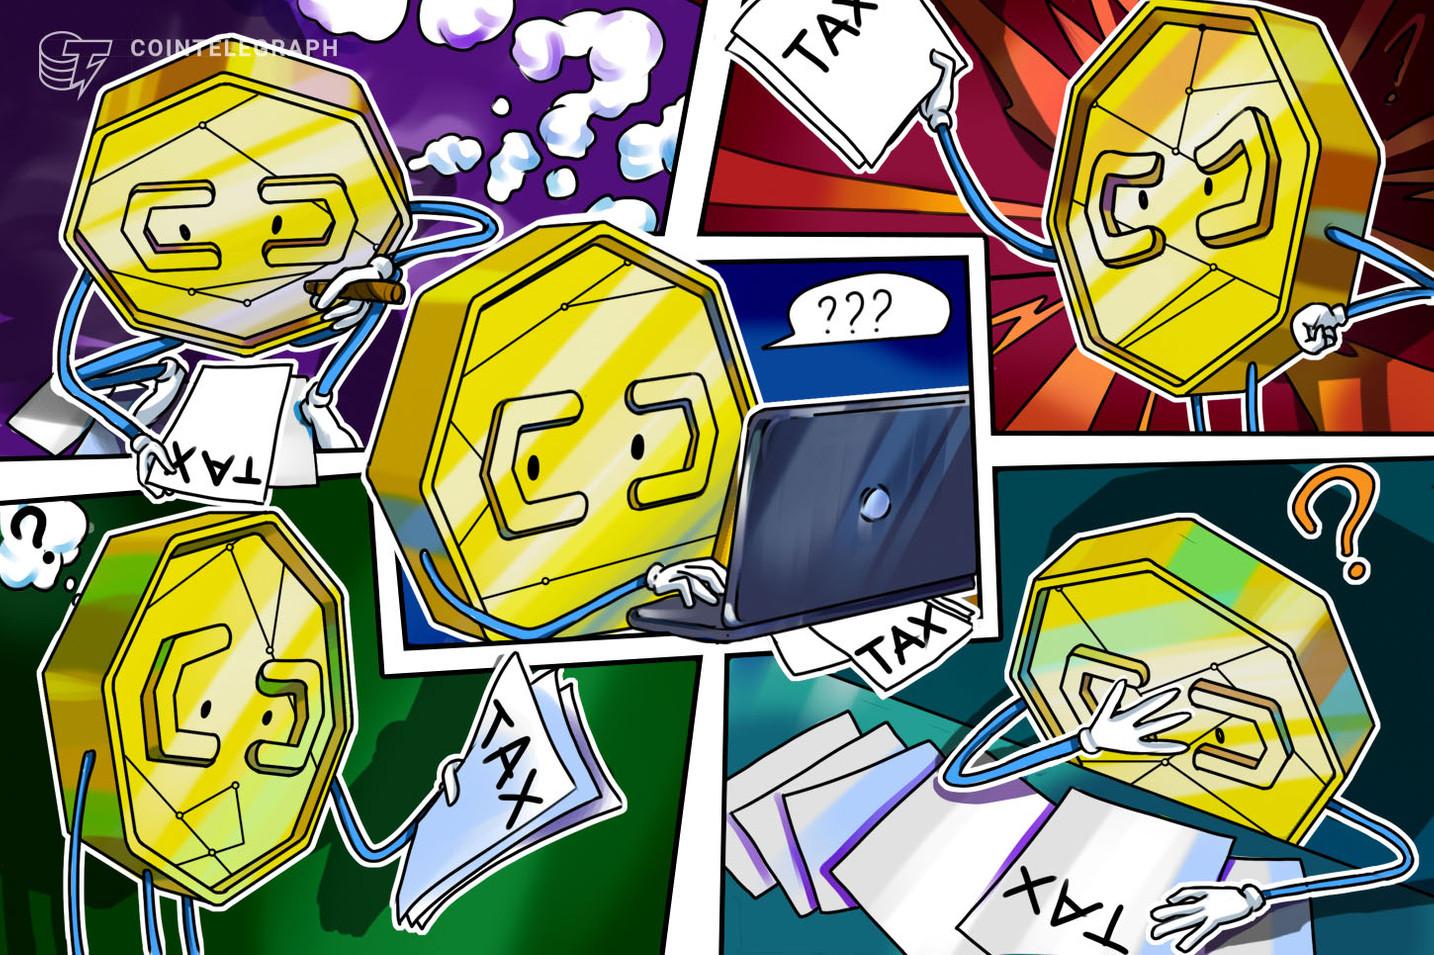 França não tributará operações exclusivamente com cripto, mas sim troca por moedas 'tradicionais'